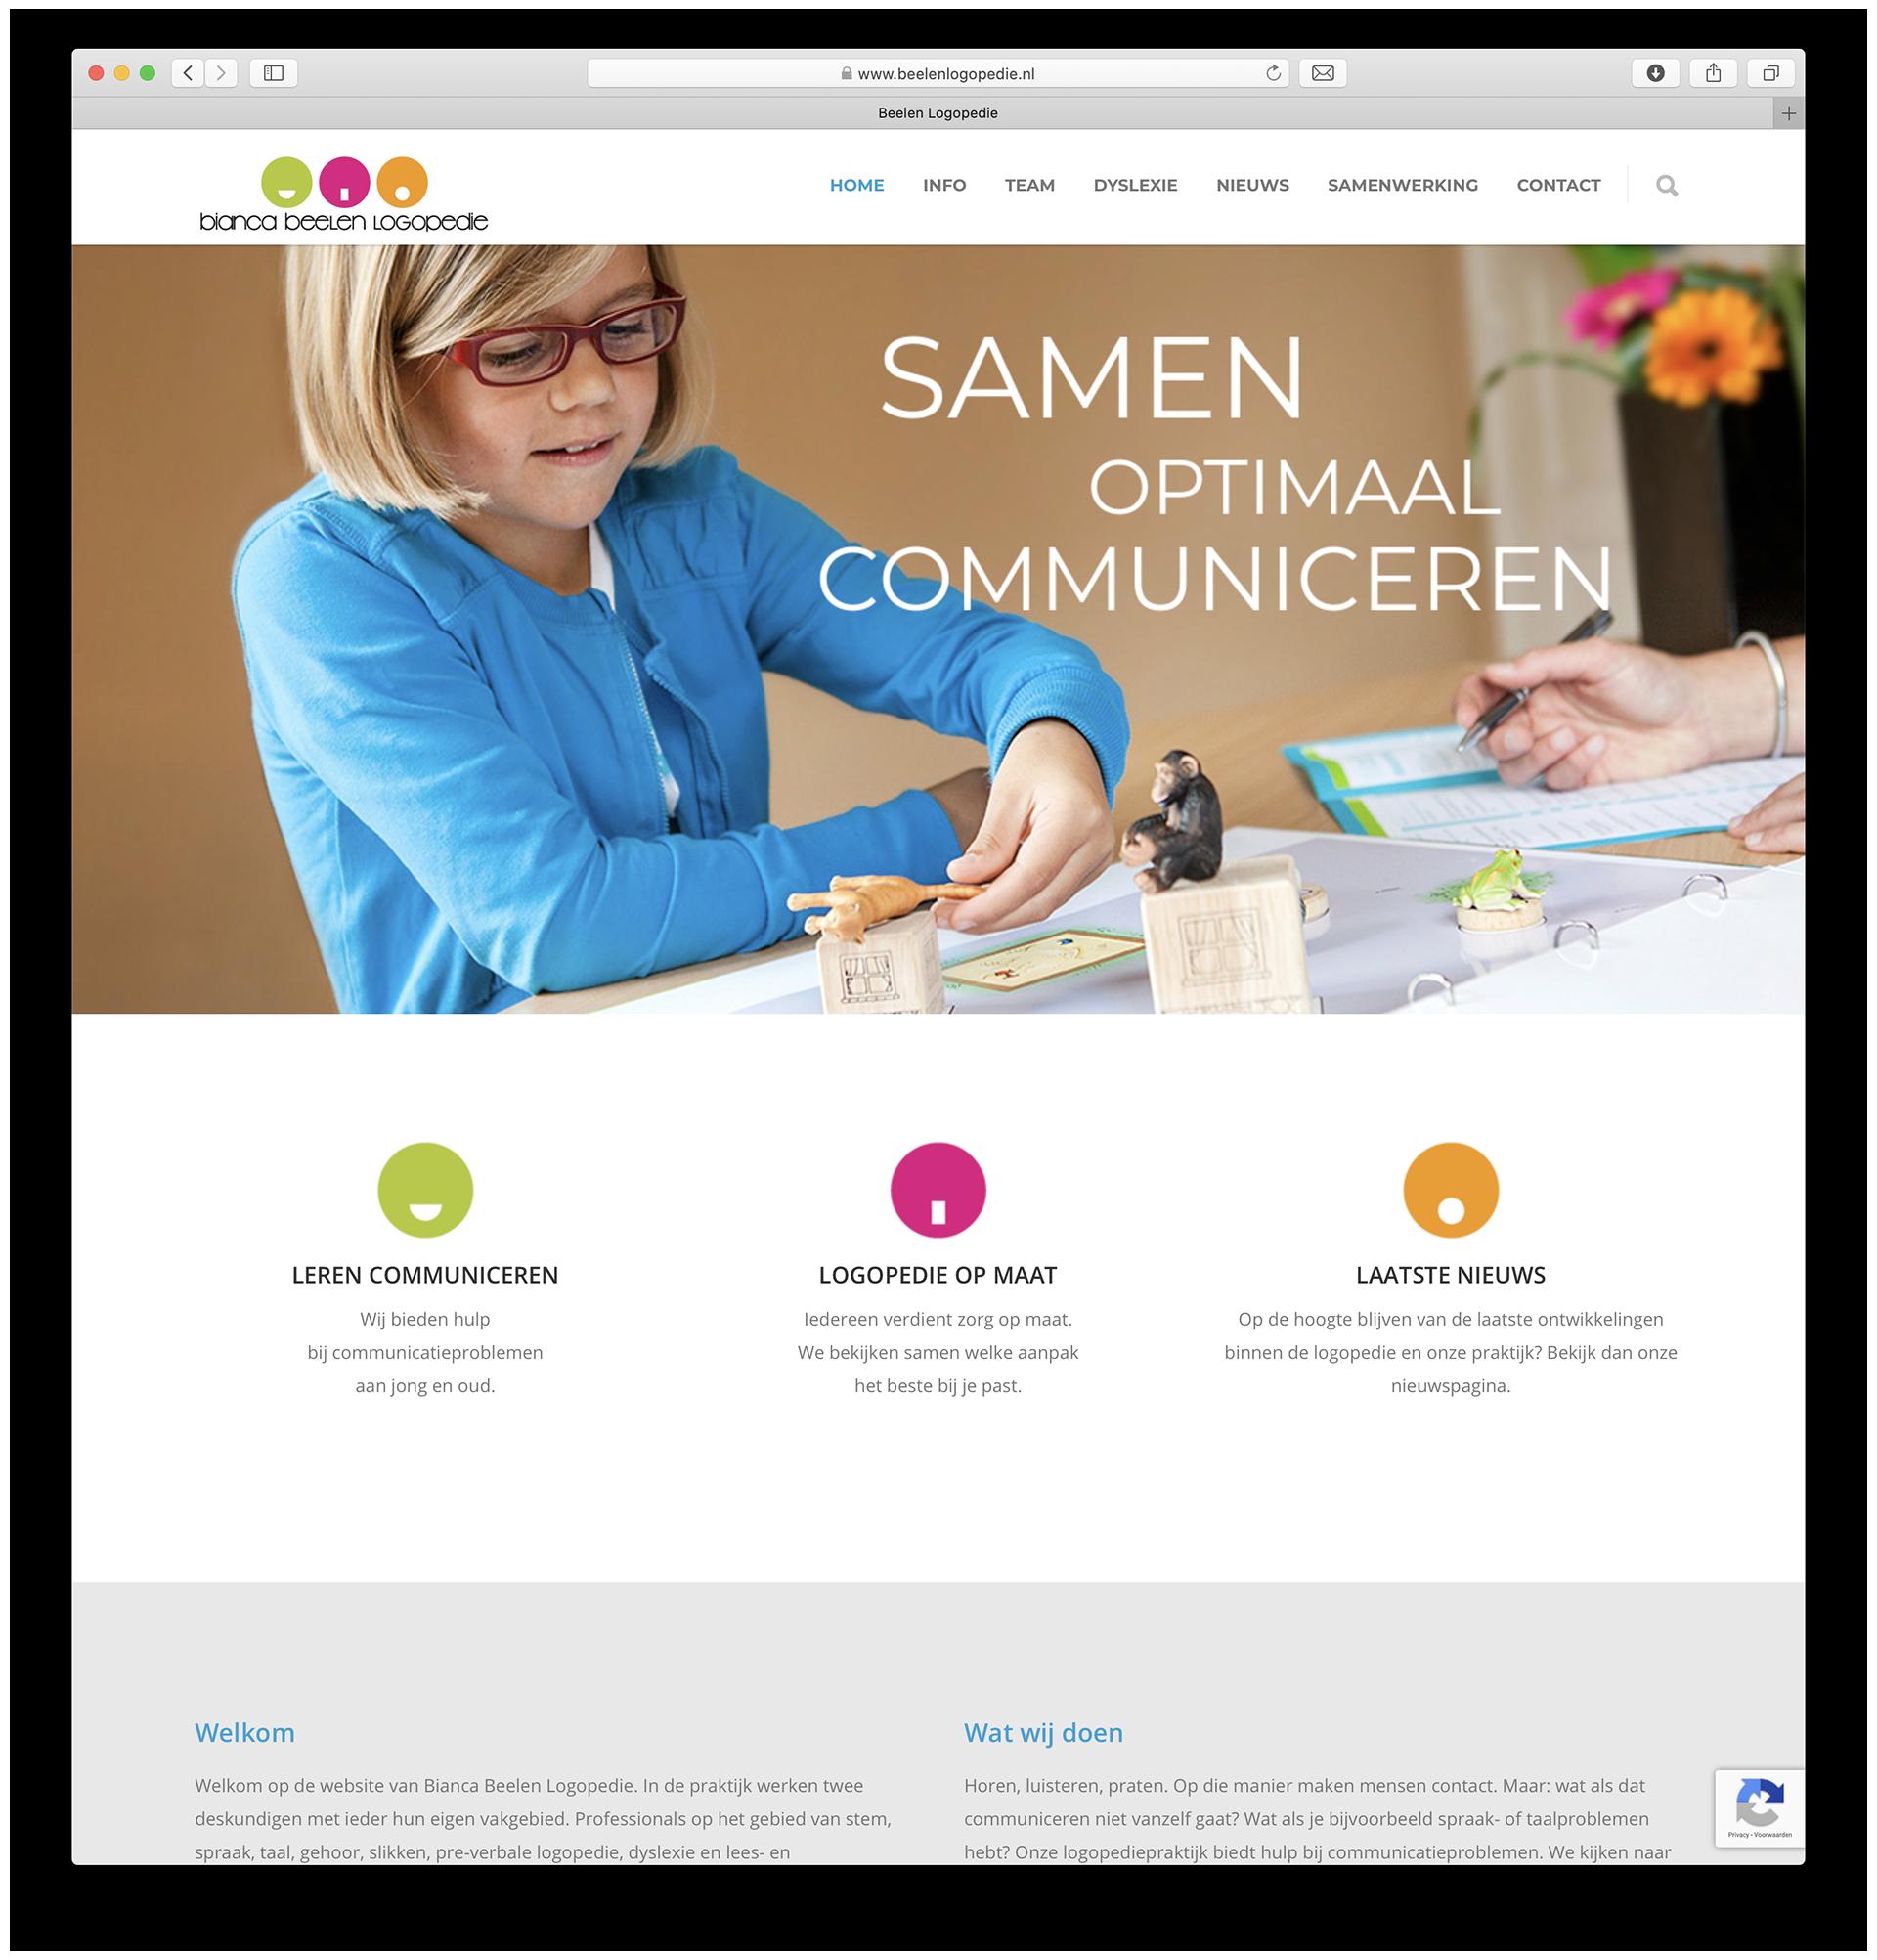 Beelen Logopedie website – homepage